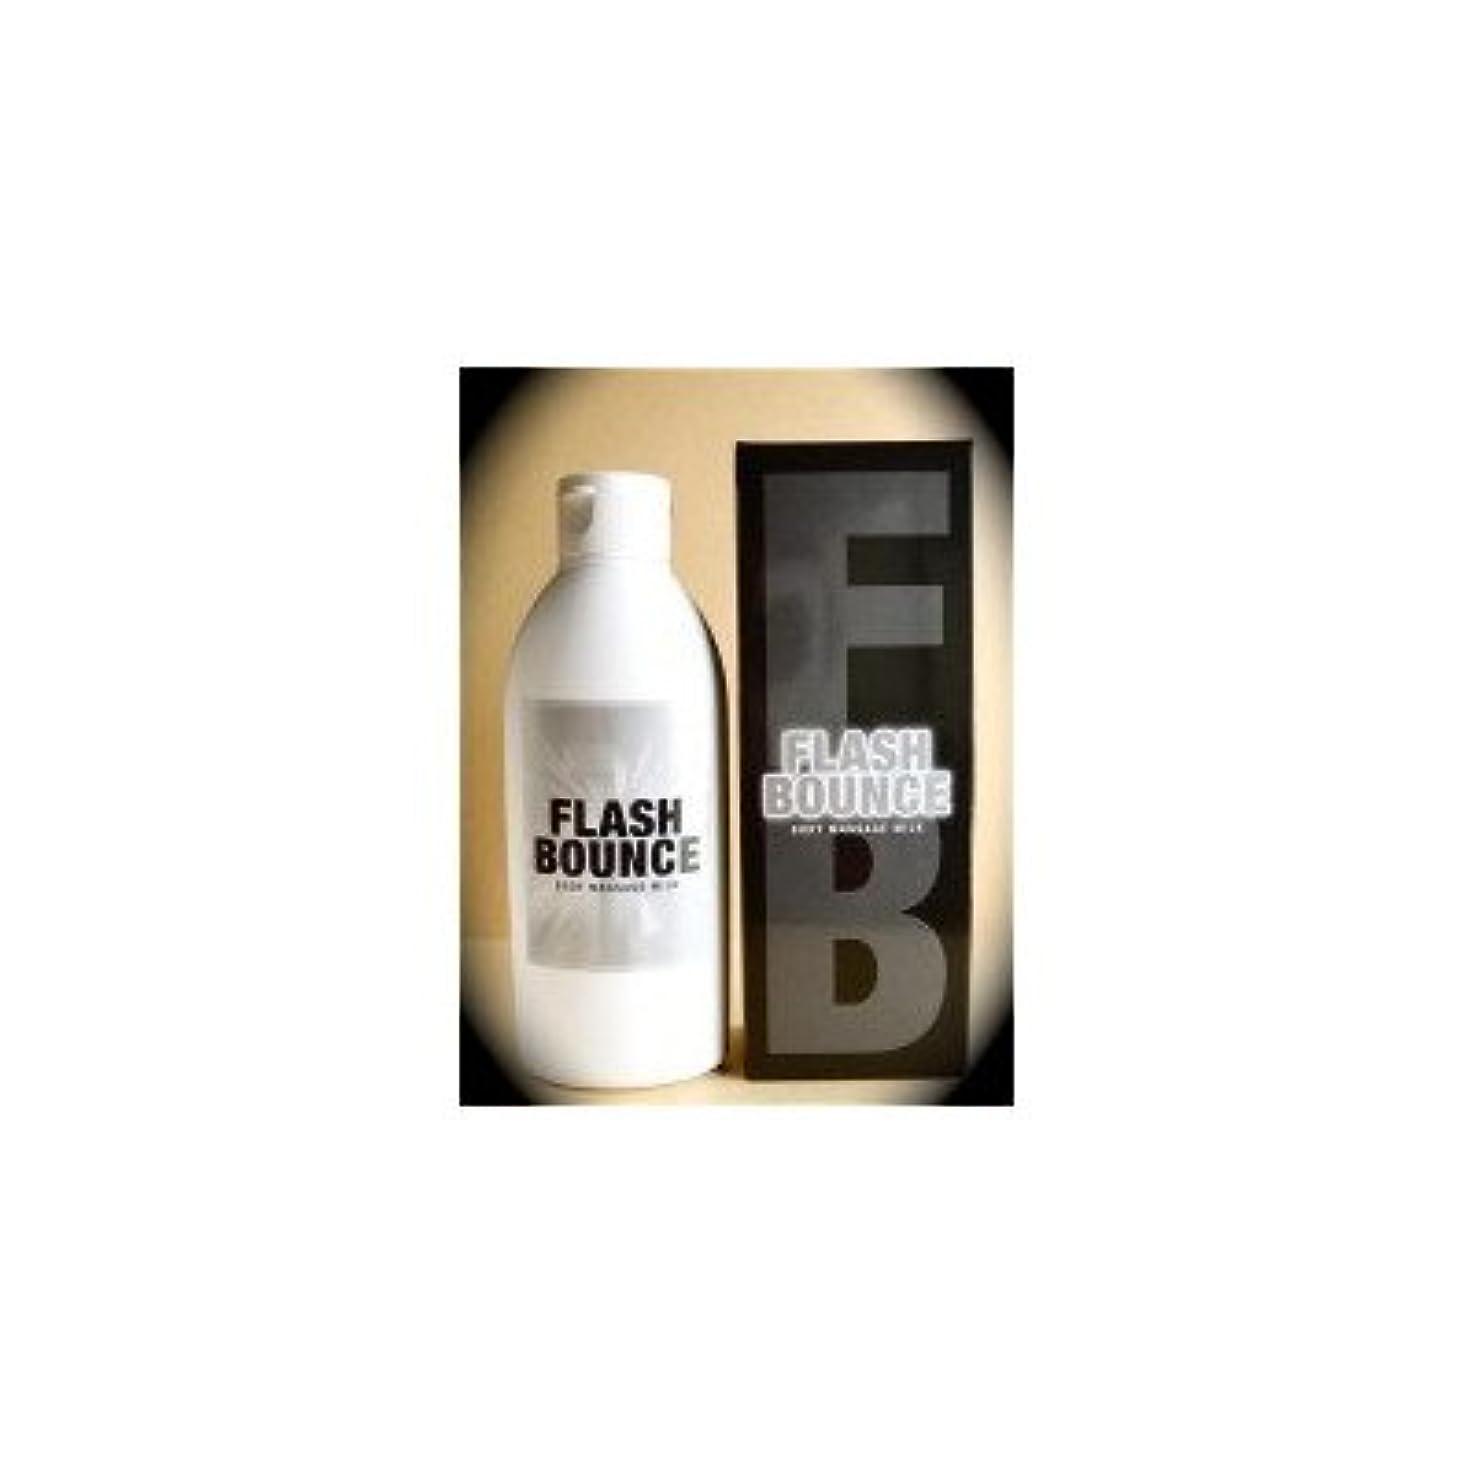 予防接種軽量水陸両用天然鉱物配合ボディマッサージクリーム フラッシュバウンス 150ml